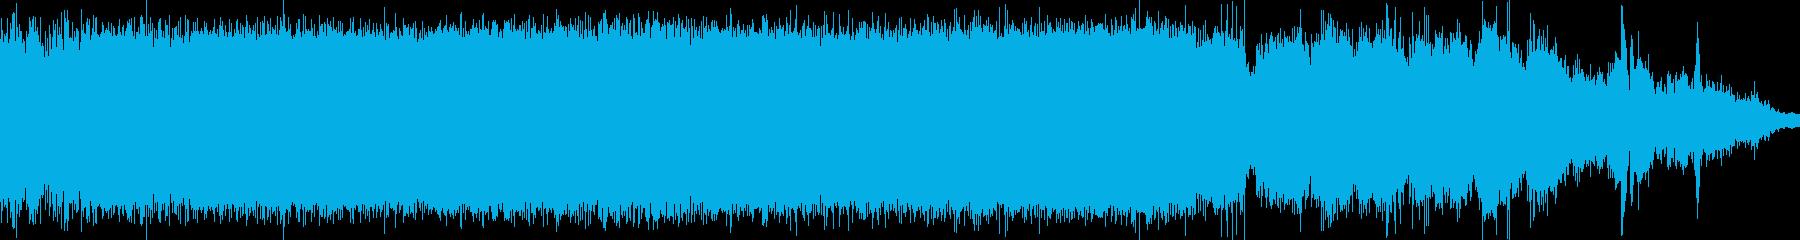 ヘリコプターの着陸音の再生済みの波形